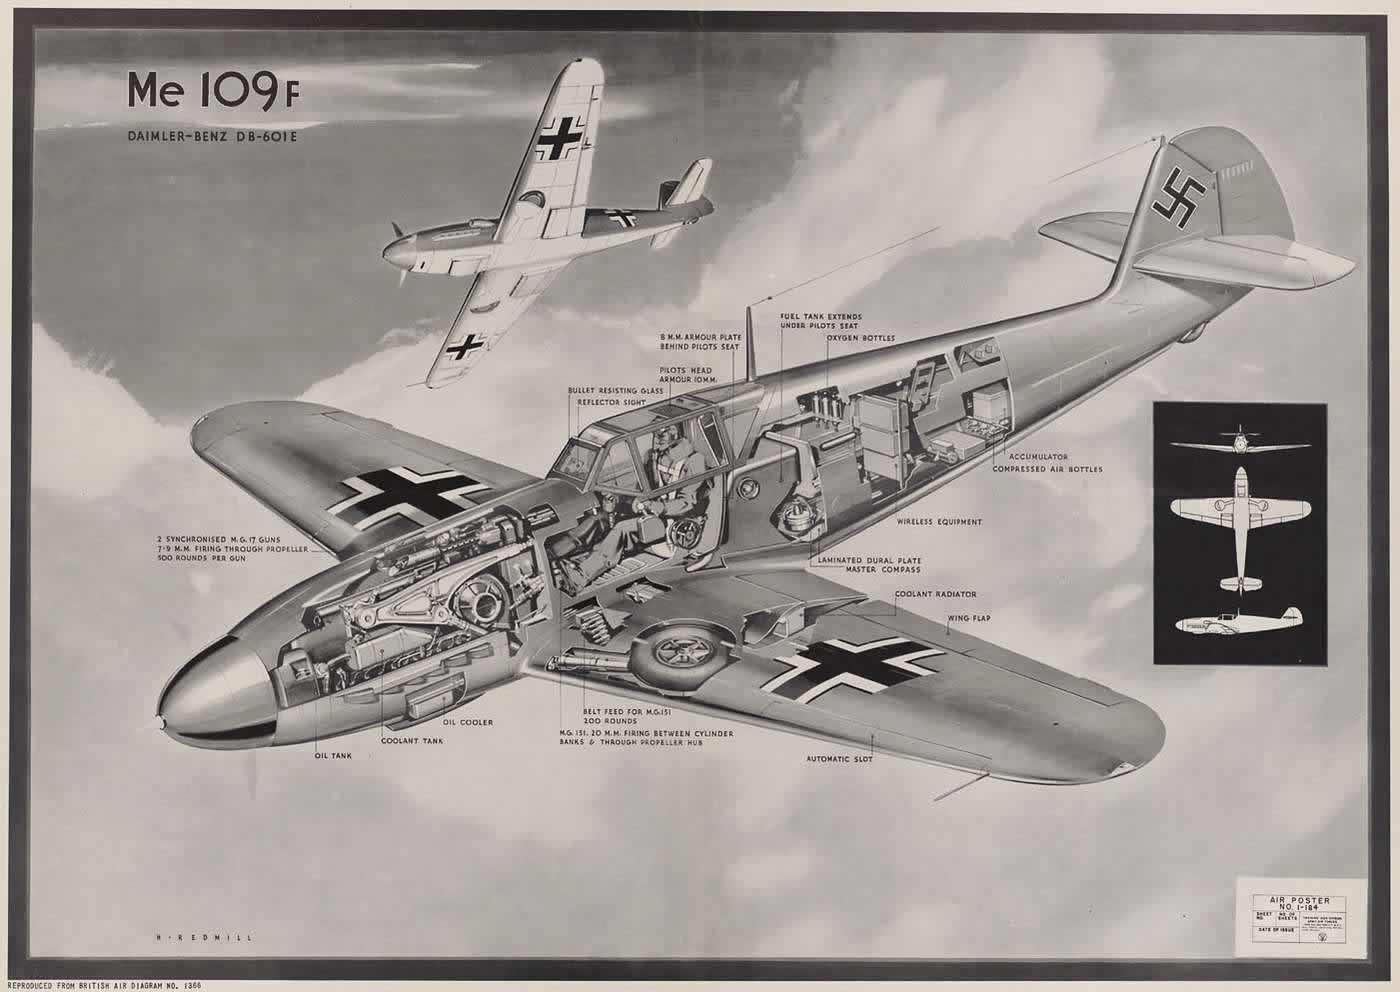 Немецкий истребитель Мессершмитт Me 109F с авиационным двигателем Daimler-Benz DB-601E